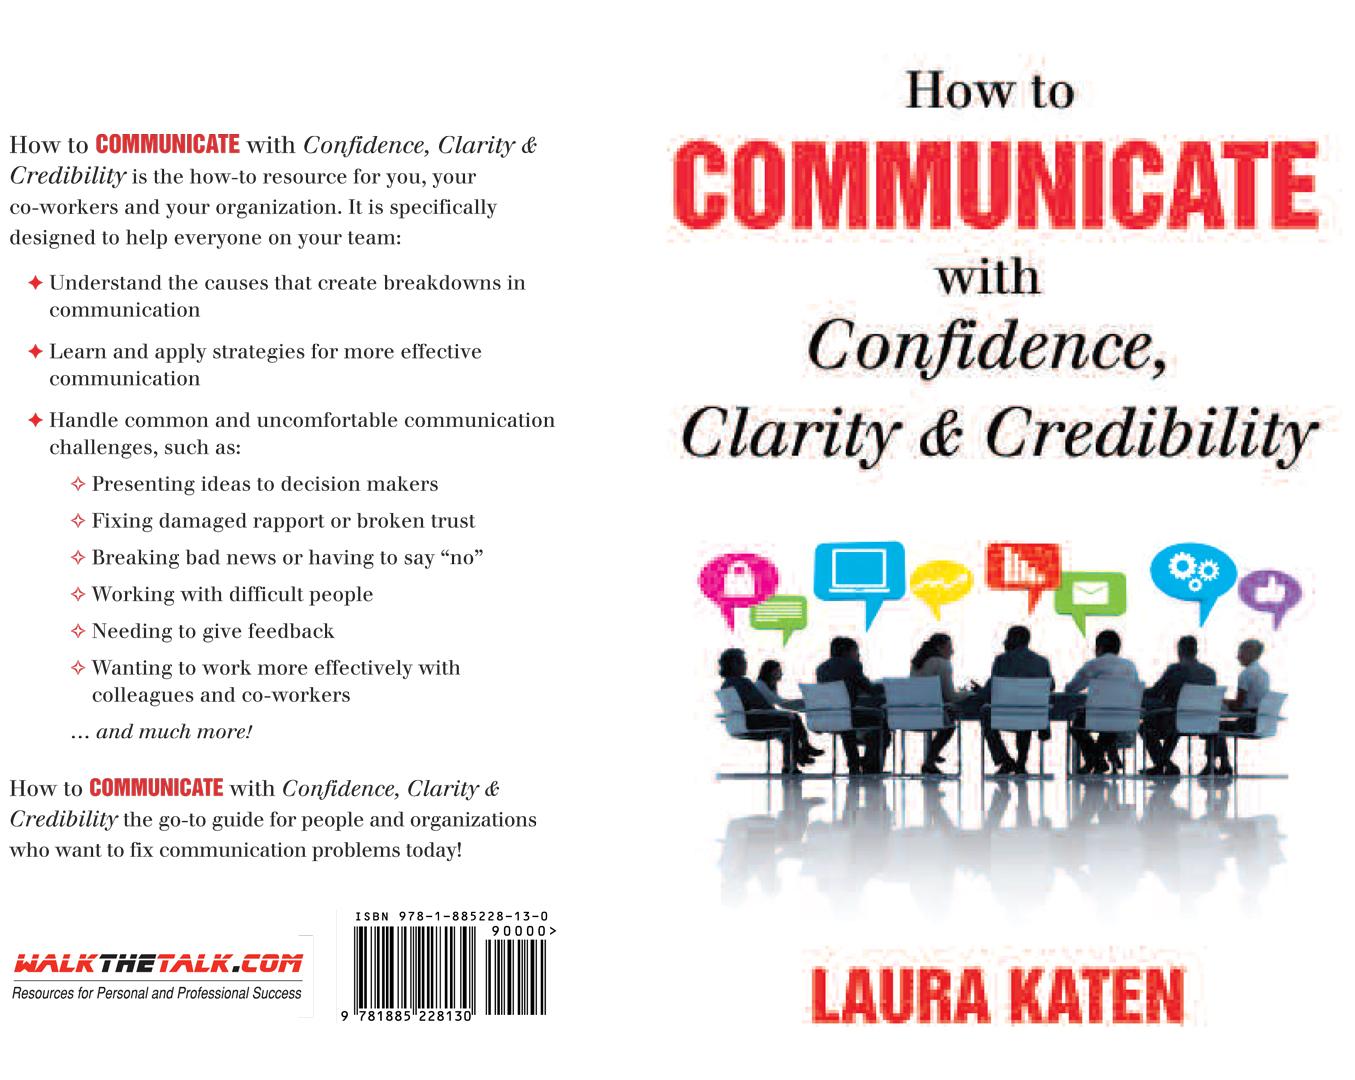 Katen-Book-Cover